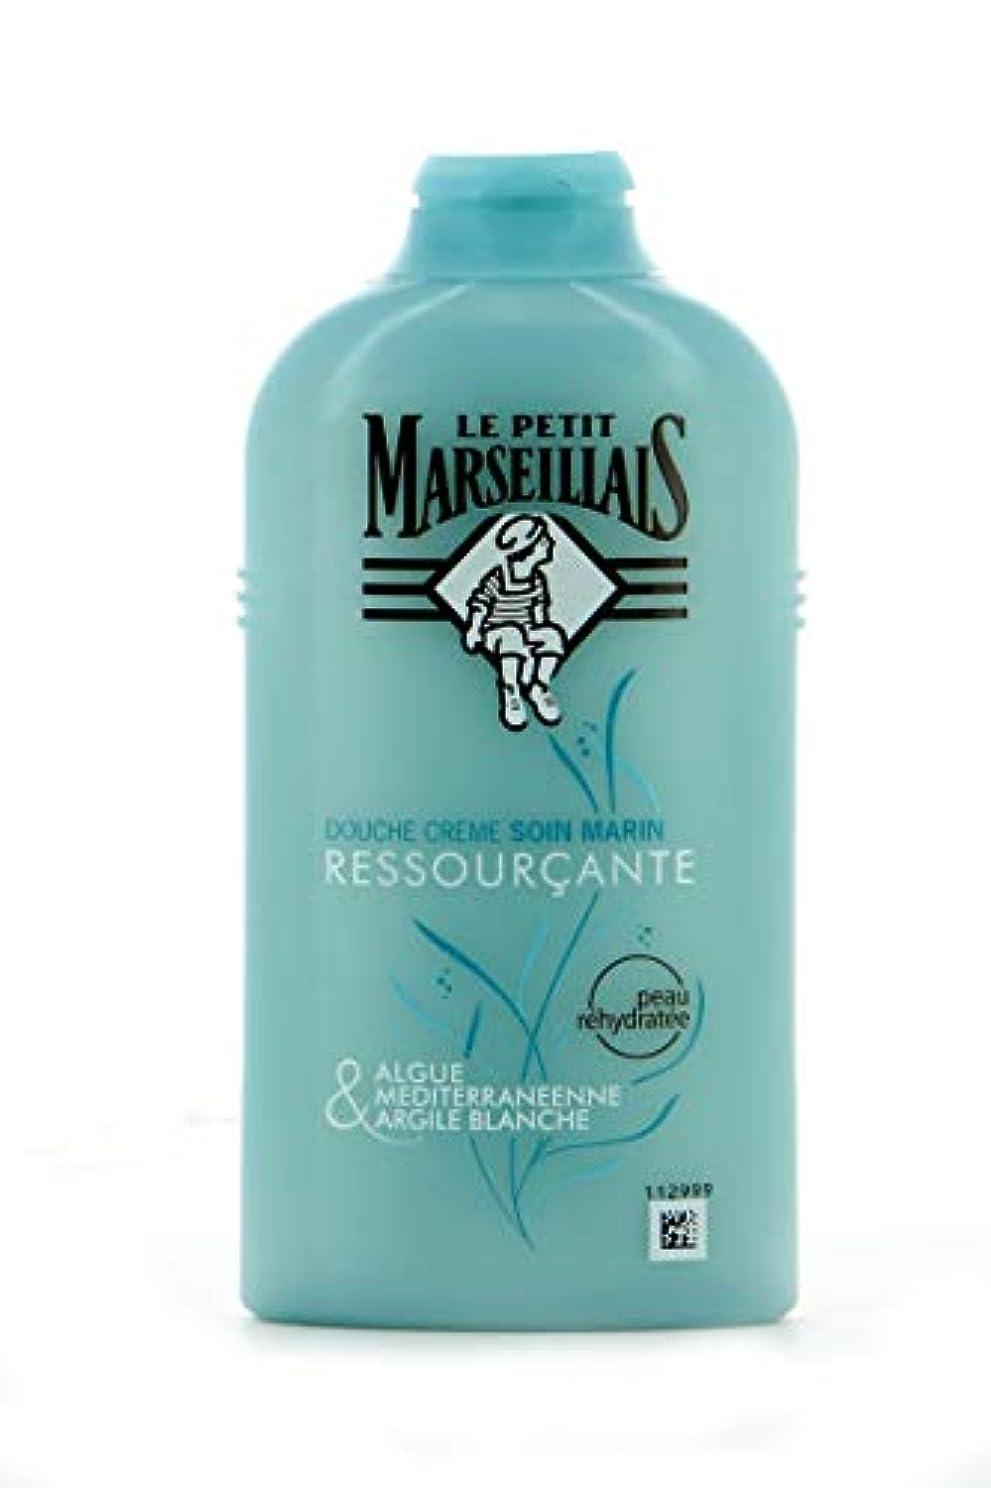 勝者監督する正確ル?プティ?マルセイユ(Le Petit Marseillais)海藻と地中海ホワイトクレイ シャワー ケアクリーム ボディウォッシュ 250ml